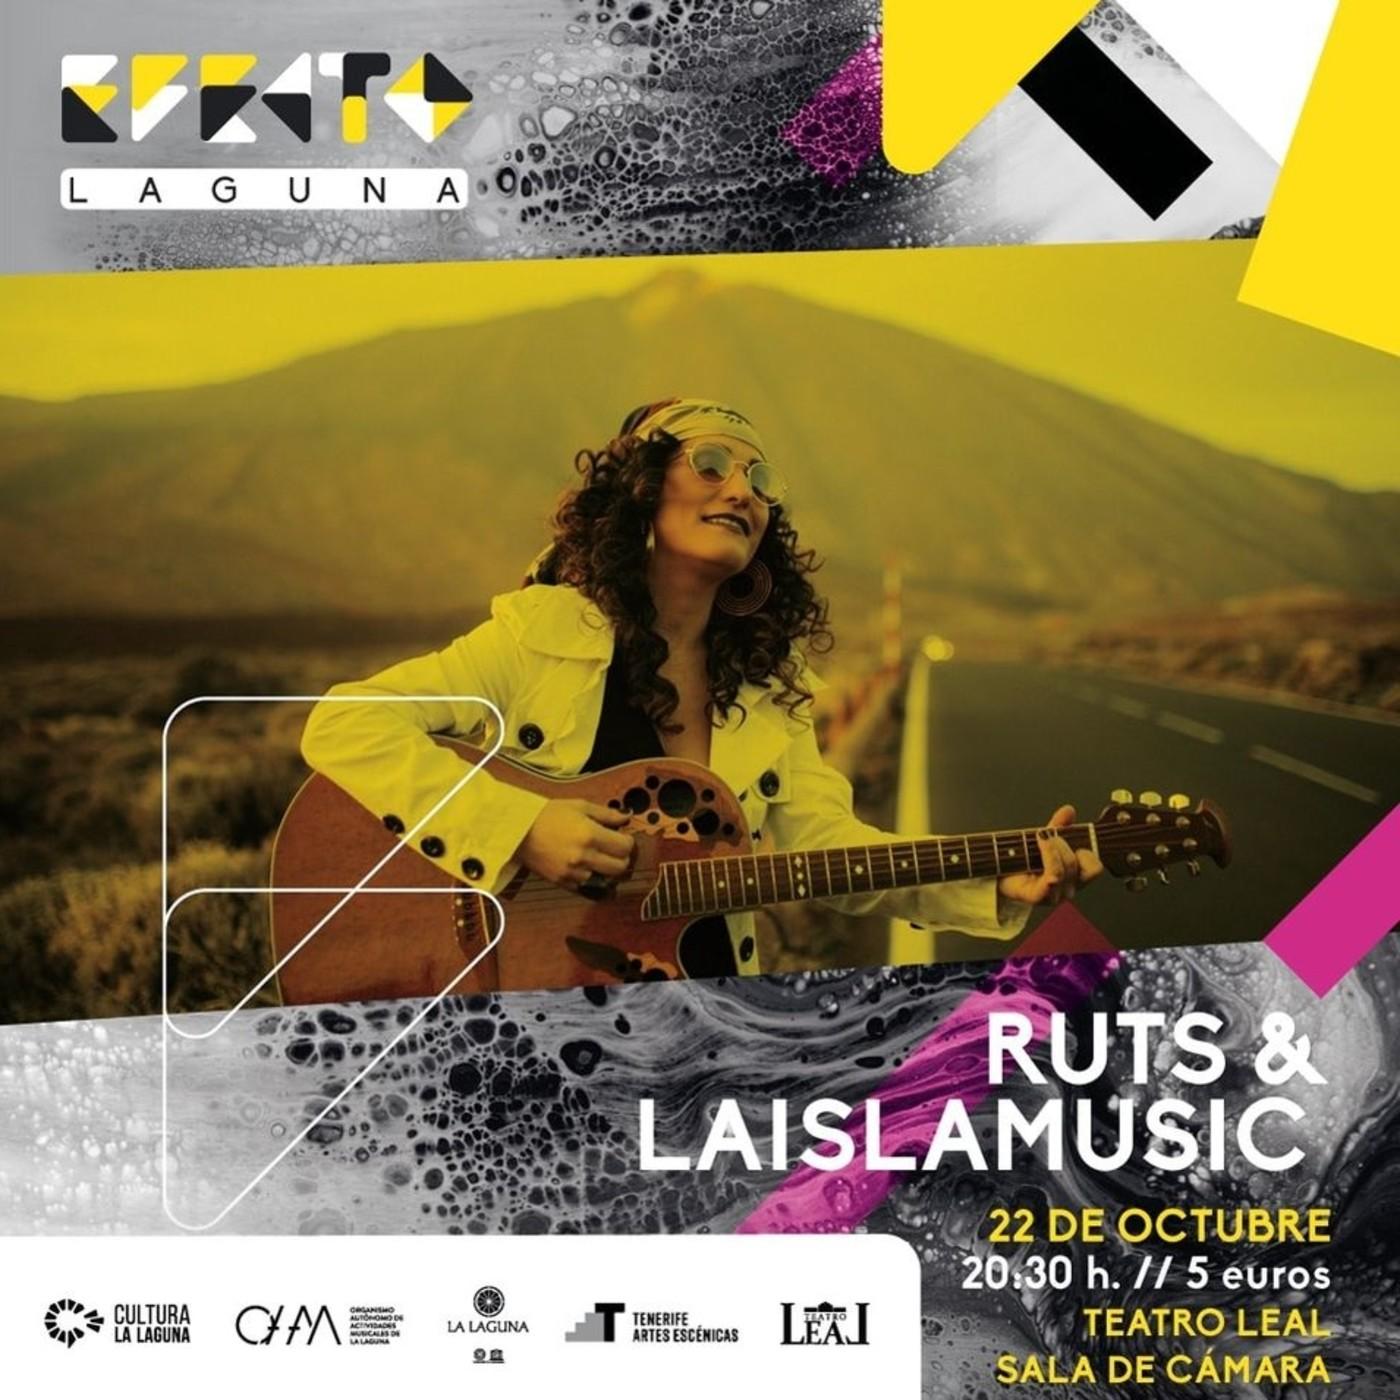 Agenda Cultural de La Laguna del hasta el 22 de octubre